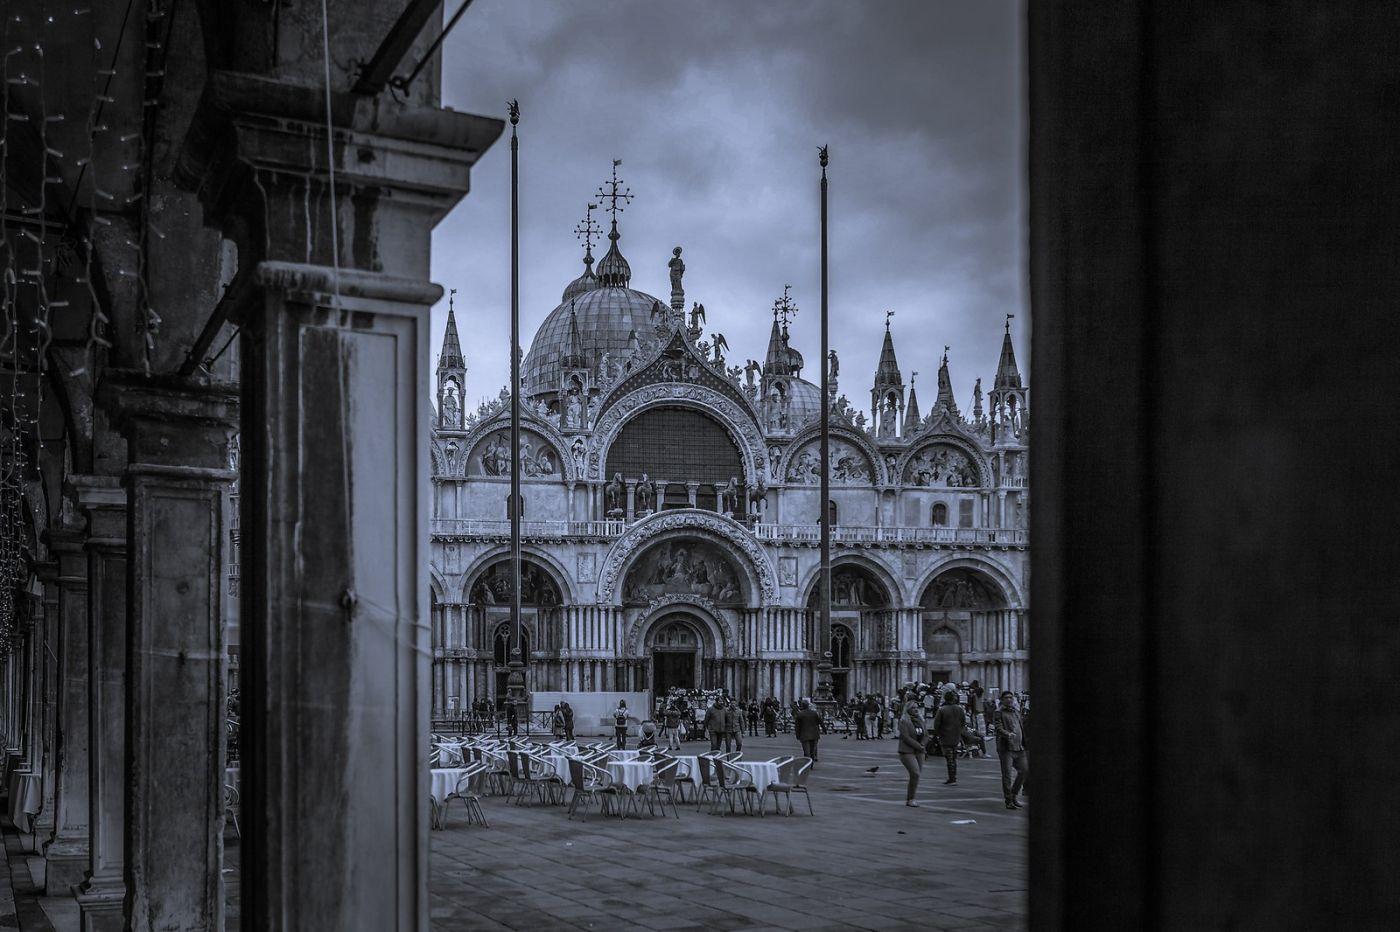 威尼斯圣马可广场(St Mark's Square), 独一无二_图1-4